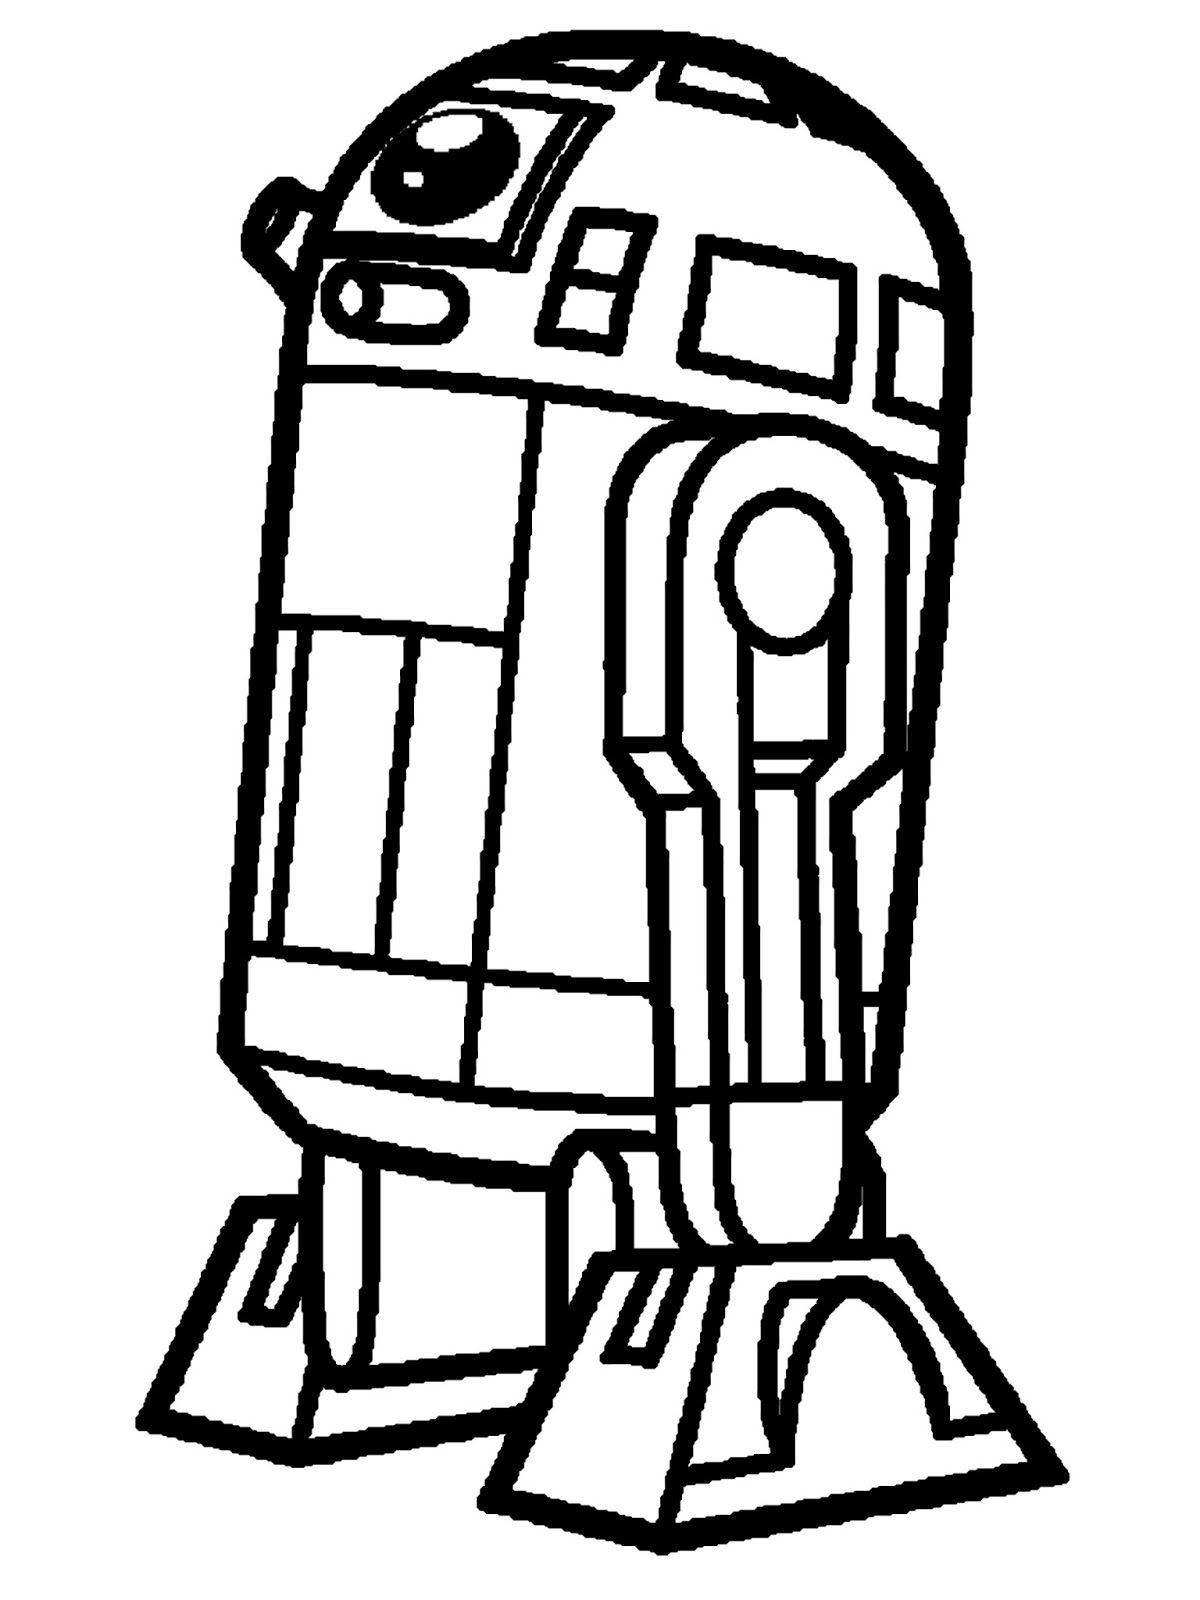 Doodle Craft R2d2 Shirt